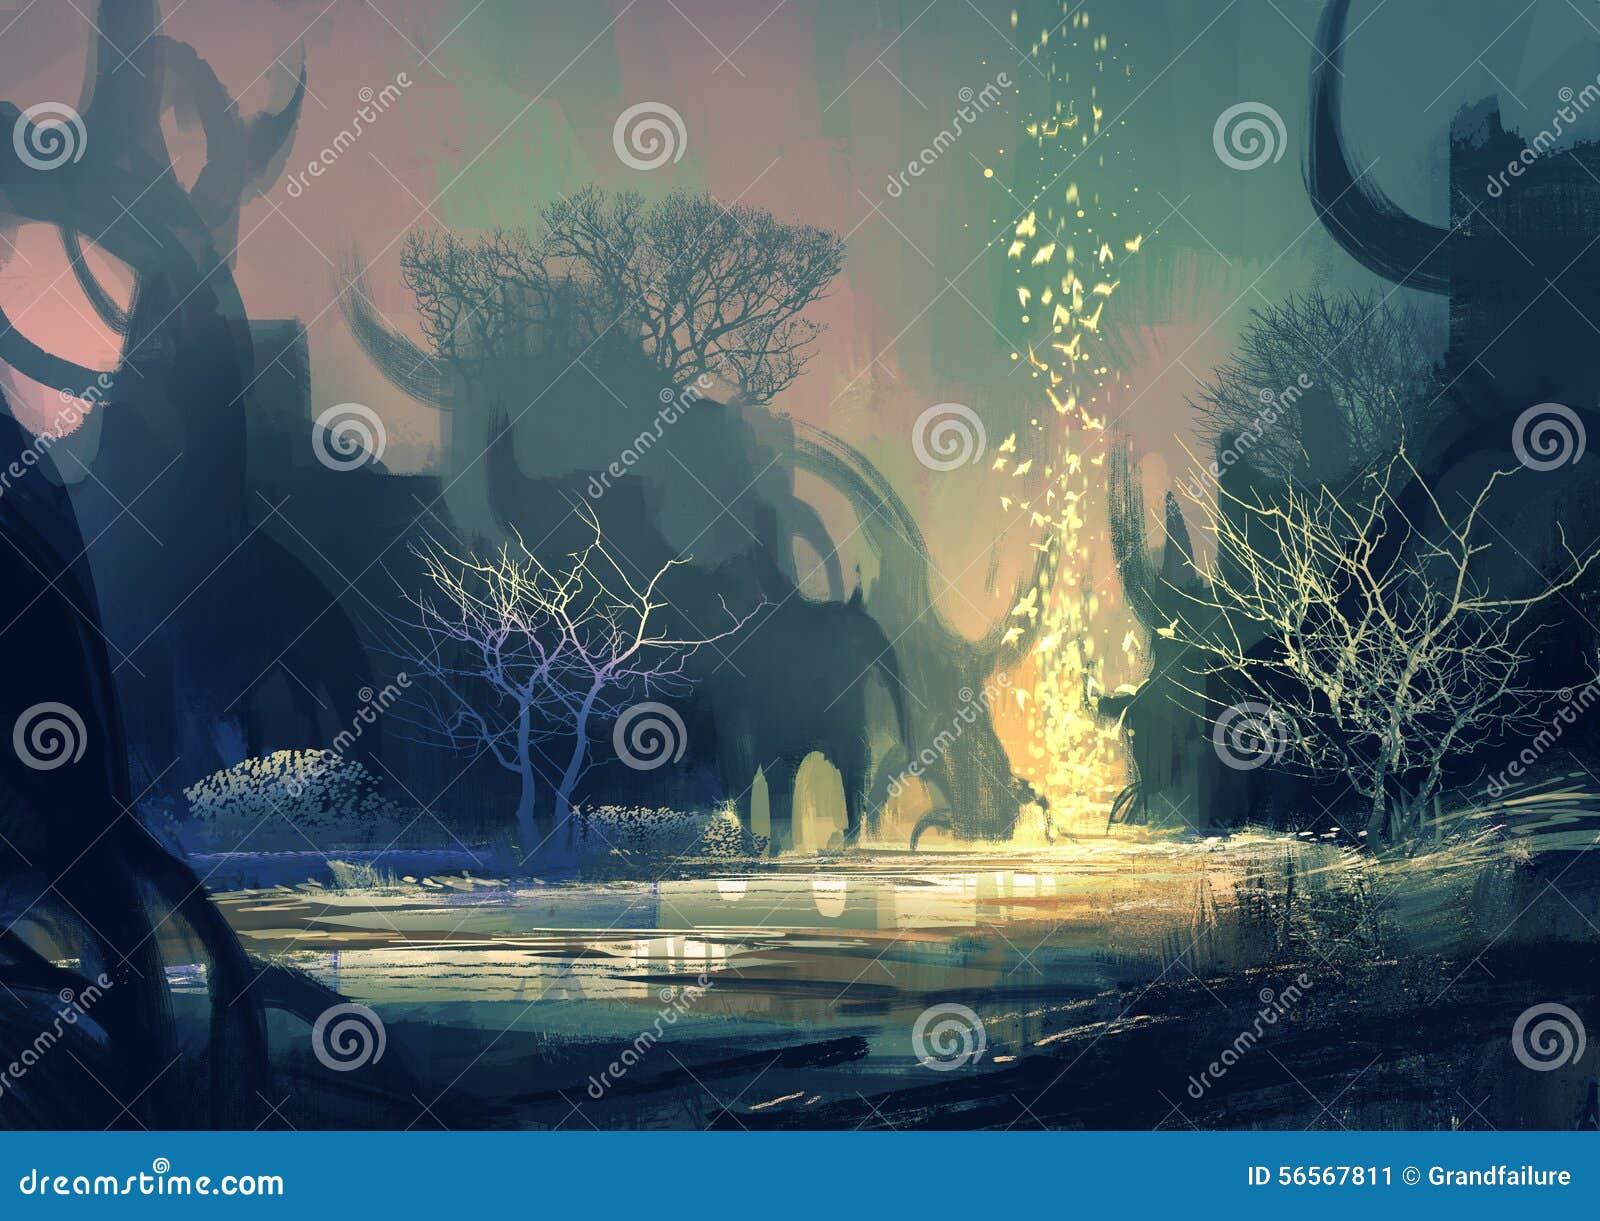 Paisaje de la fantasía con árboles misteriosos